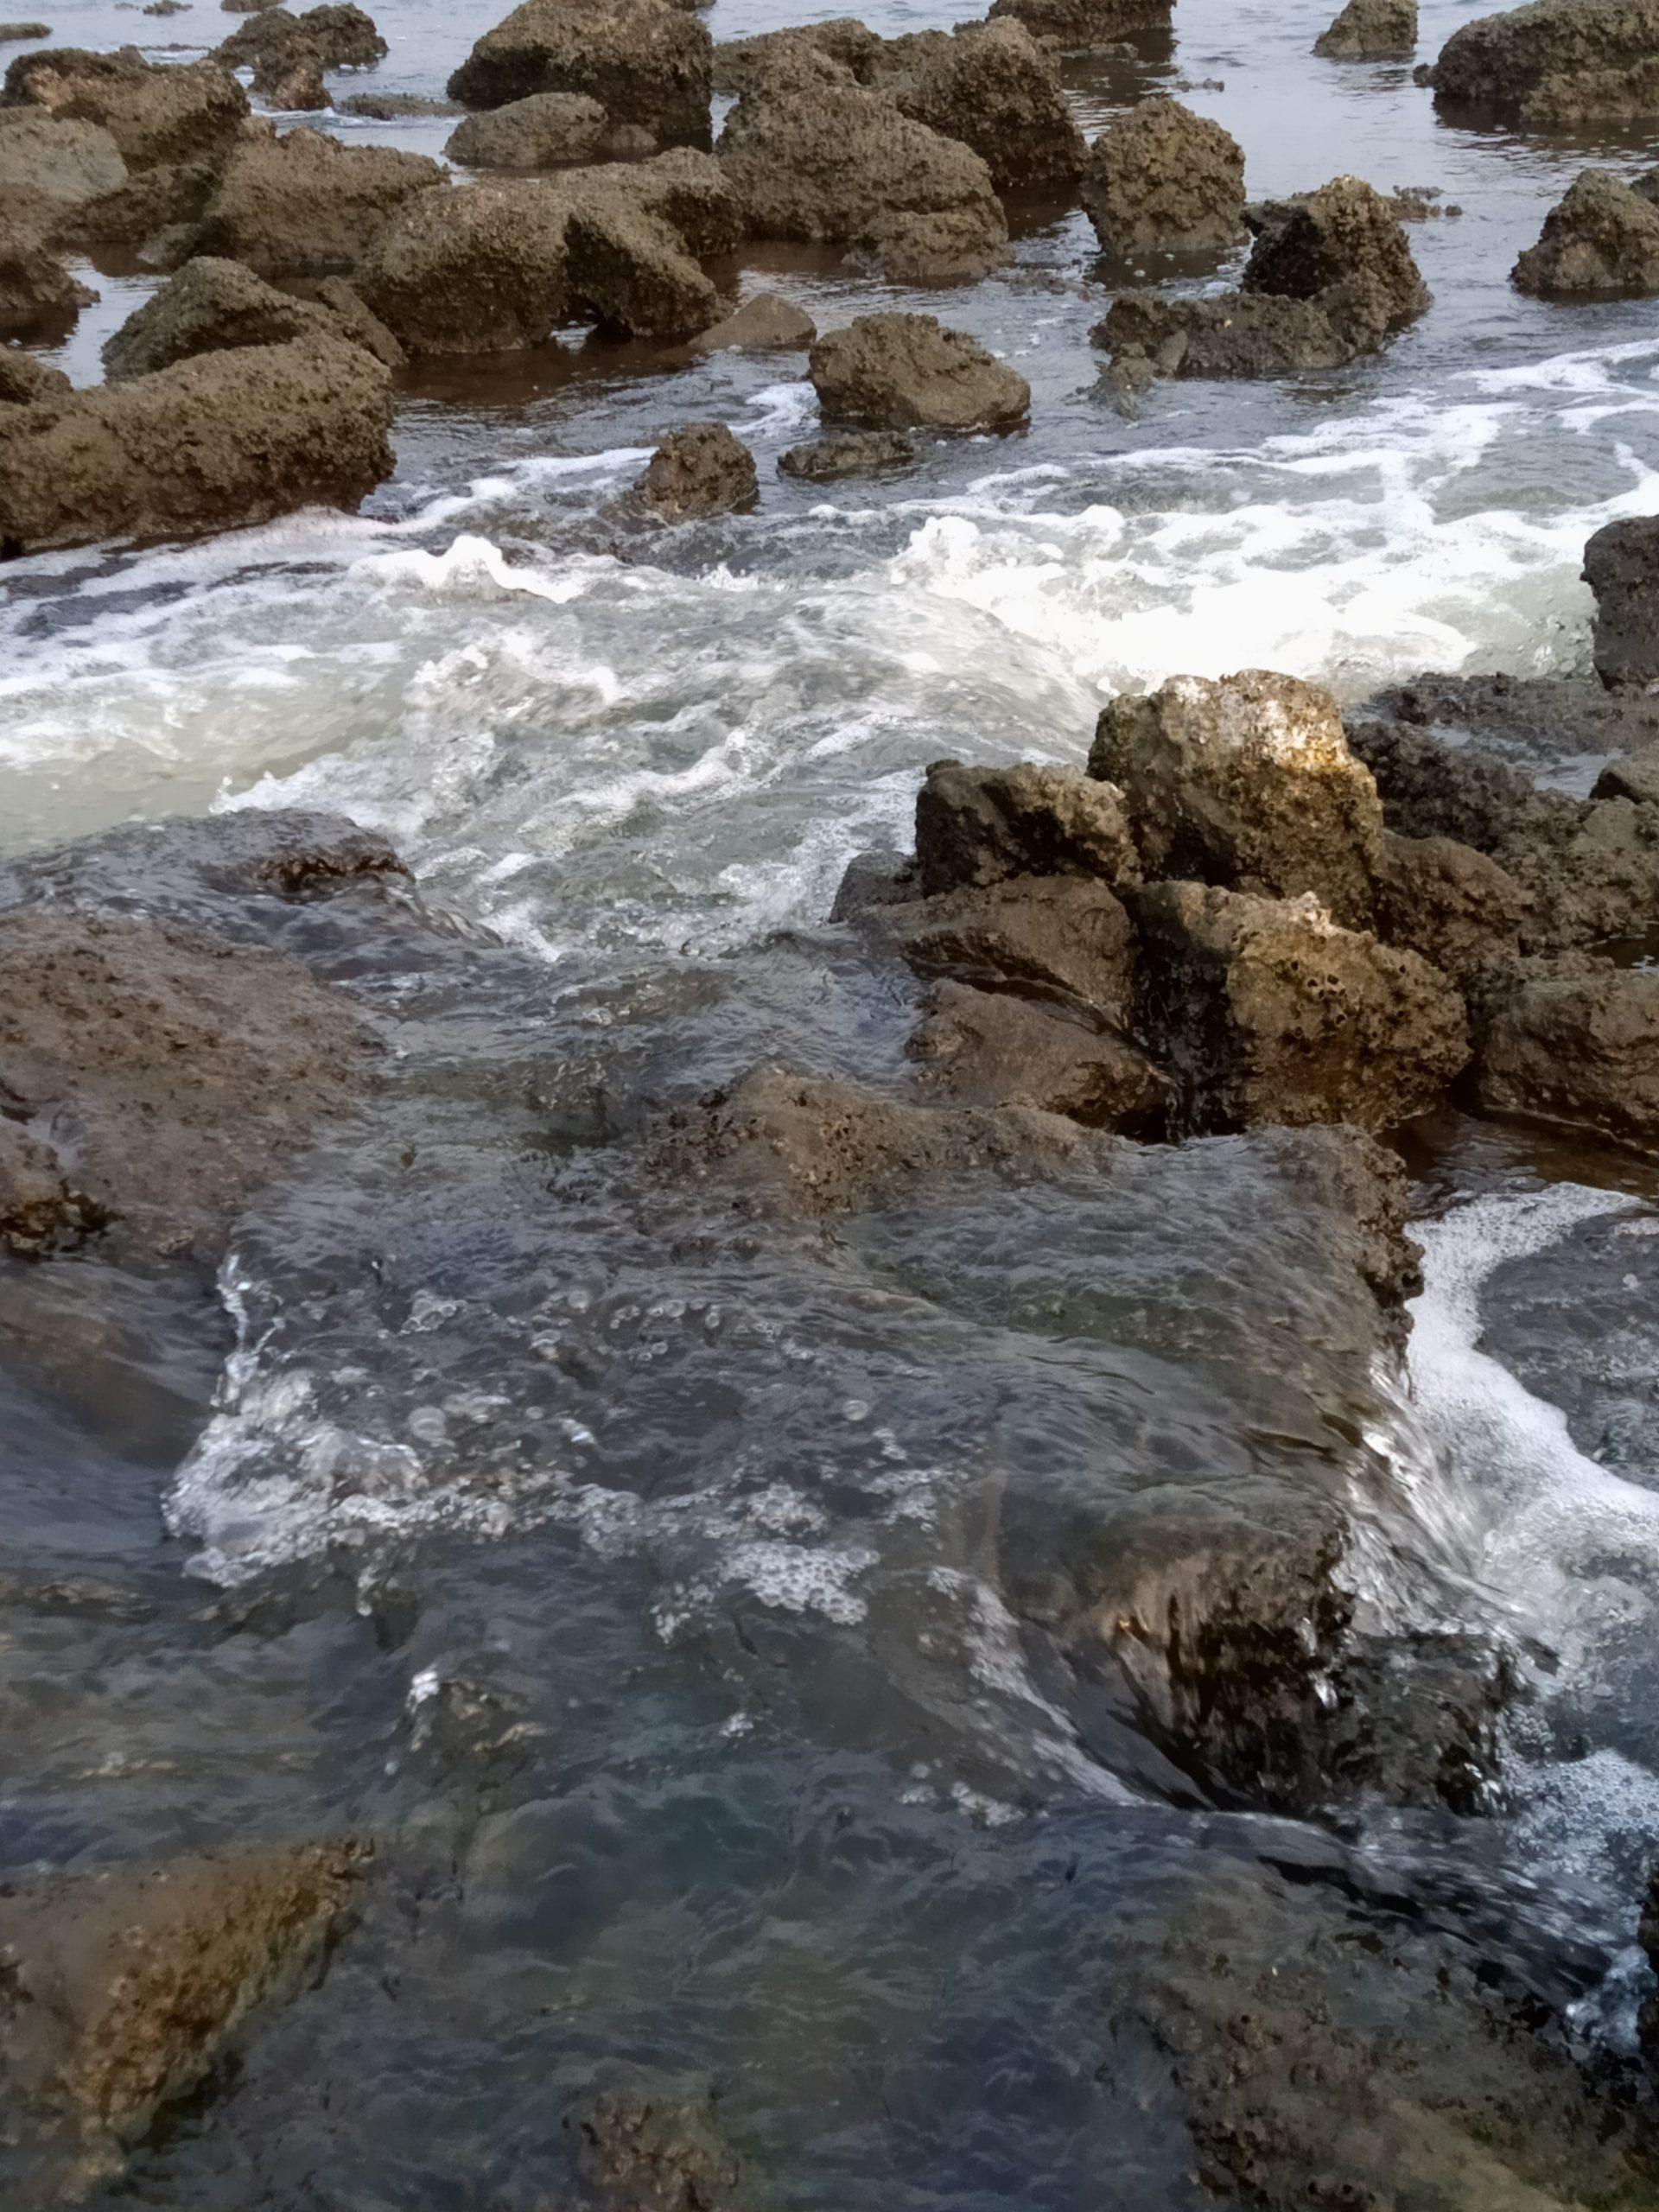 River water splashing through rocks